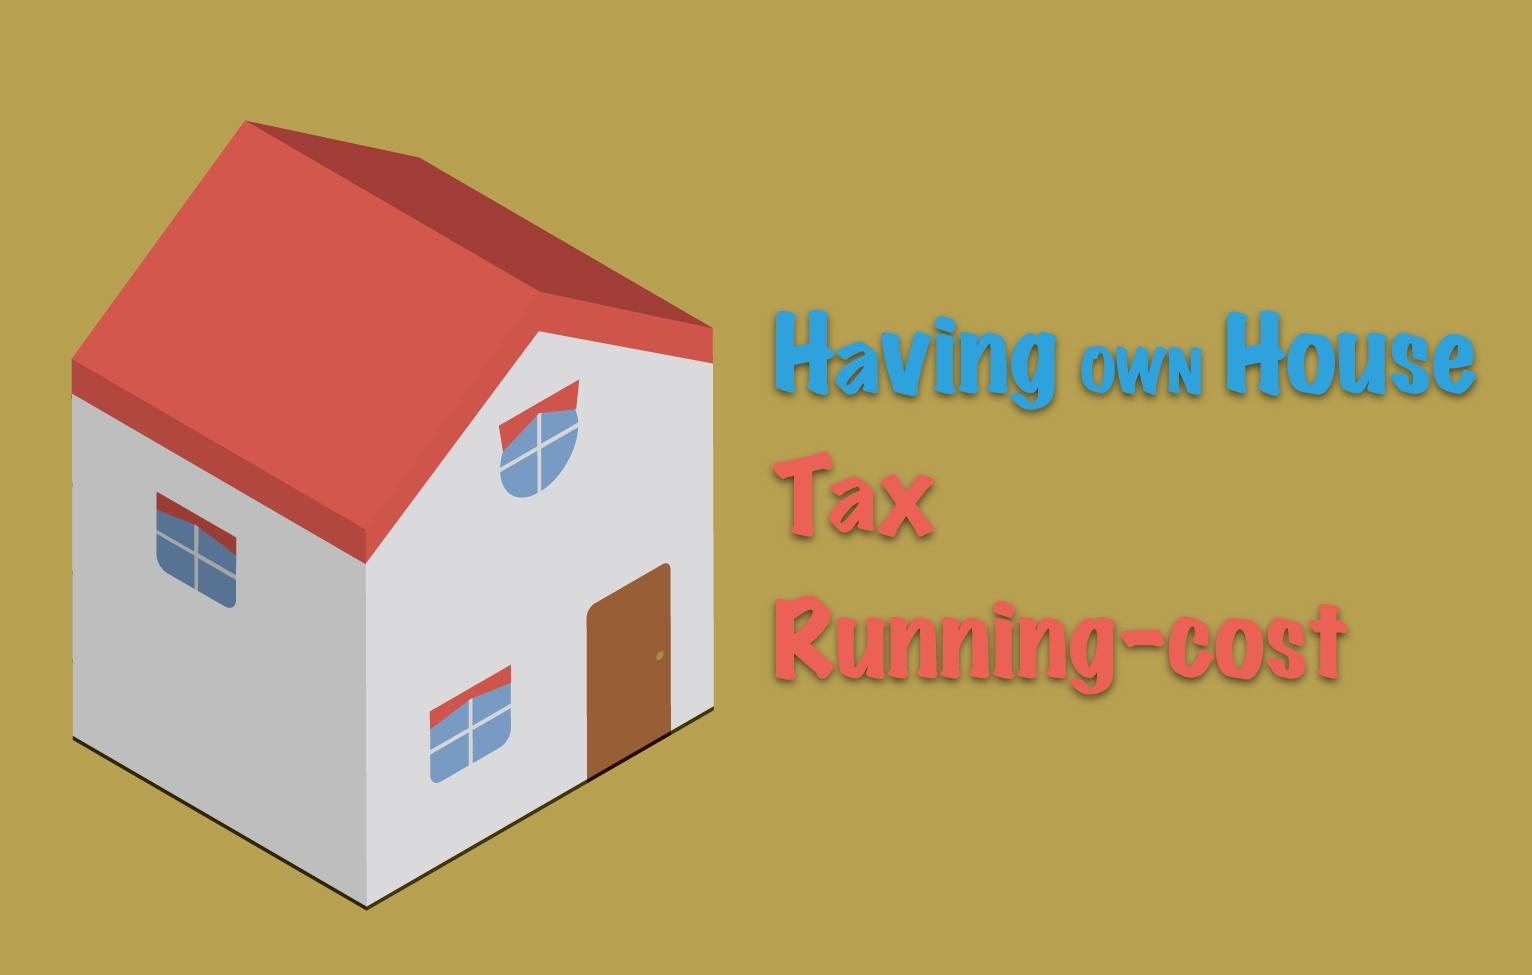 一戸建てを所有すると必要な税金と維持費